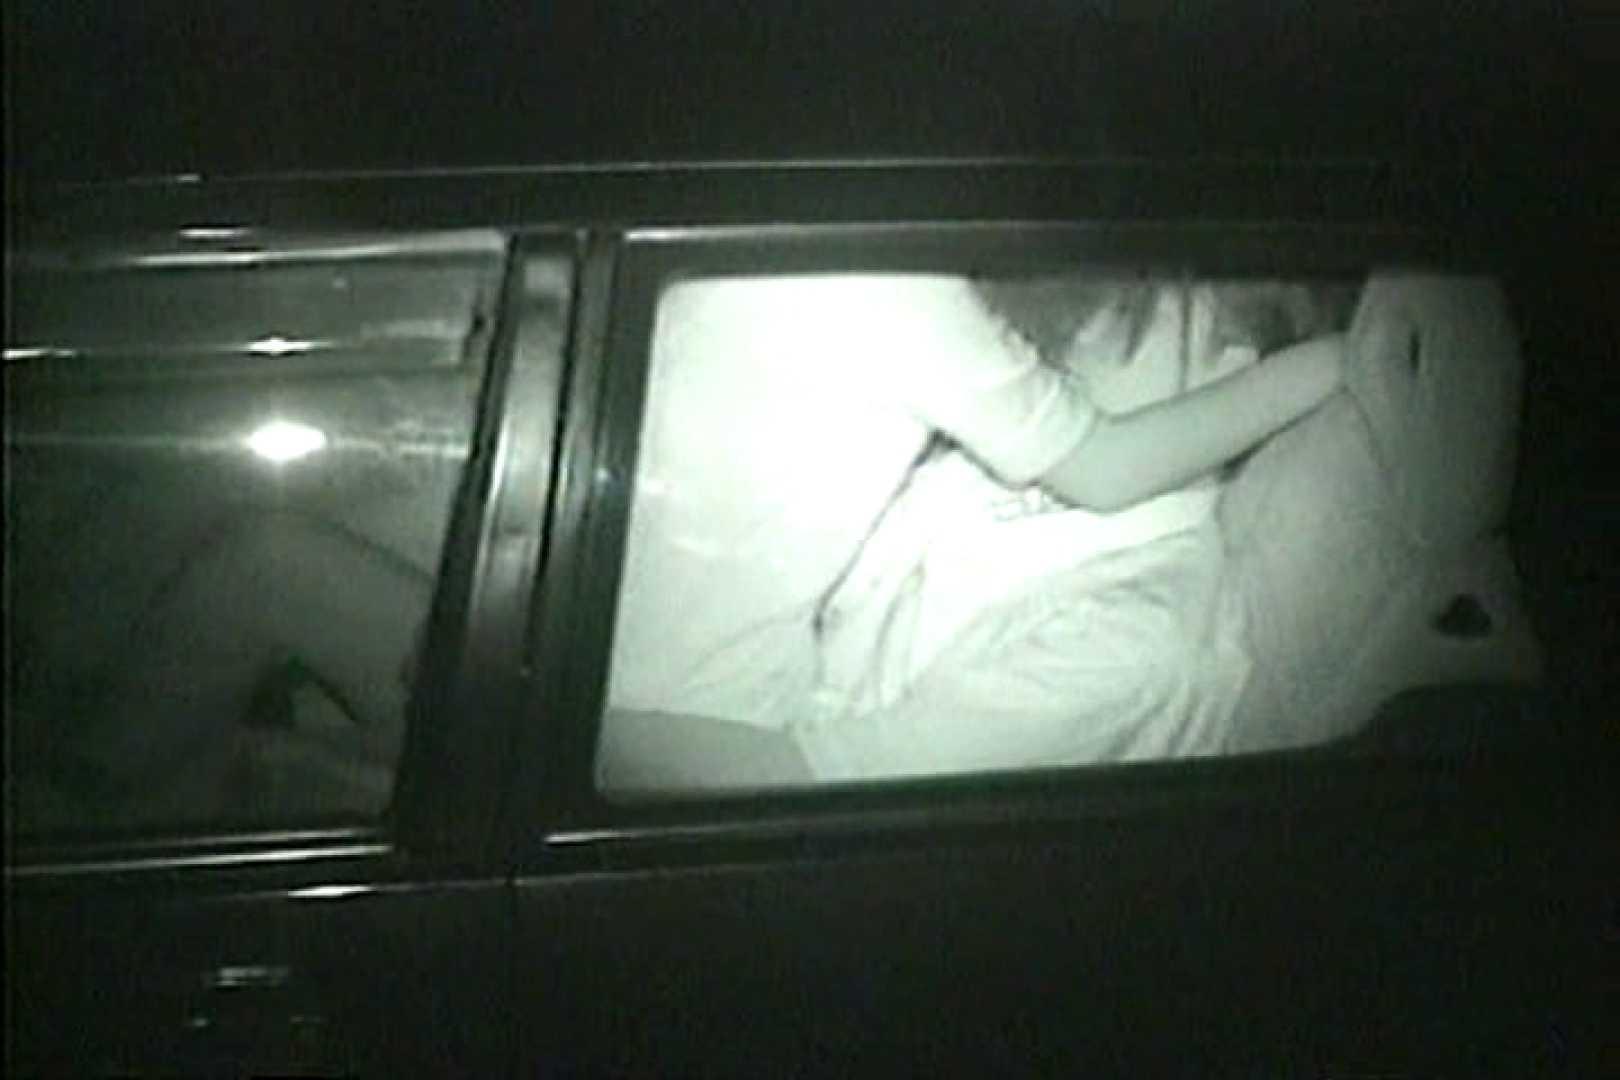 車の中はラブホテル 無修正版  Vol.10 望遠 盗み撮り動画キャプチャ 87pic 69